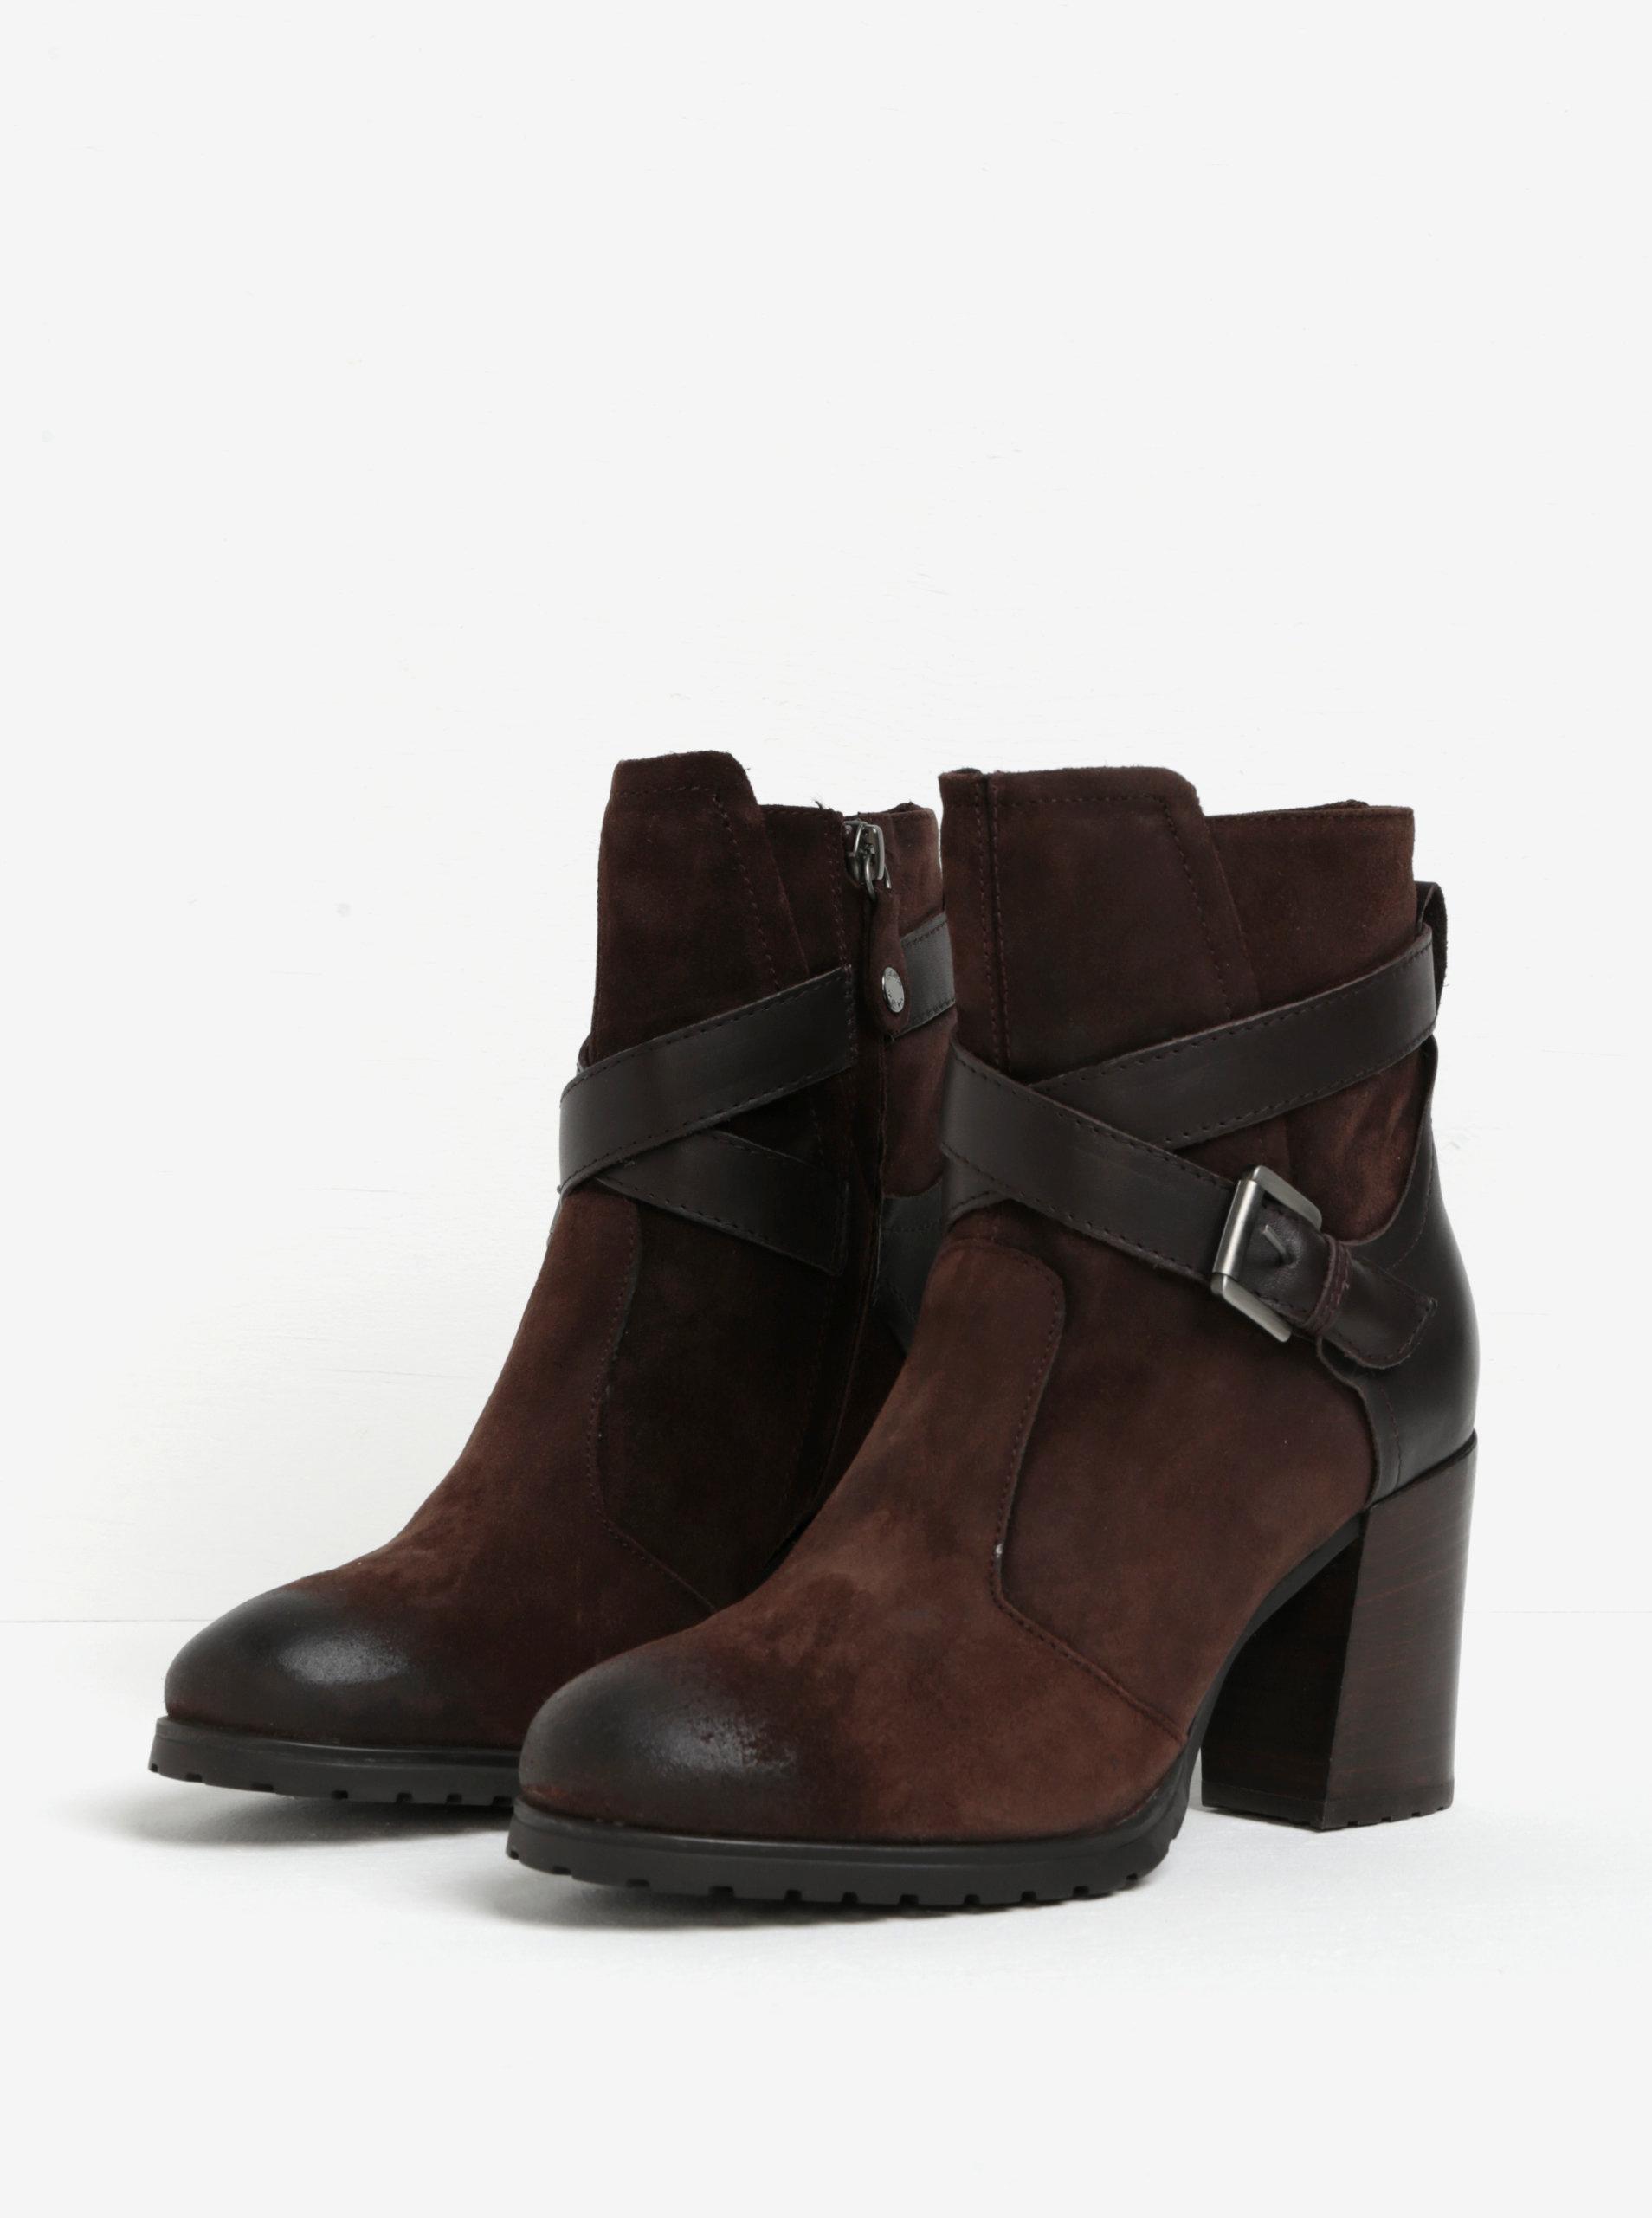 652bec0910 Tmavohnedé semišové členkové topánky na podpätku Geox New Lise ...